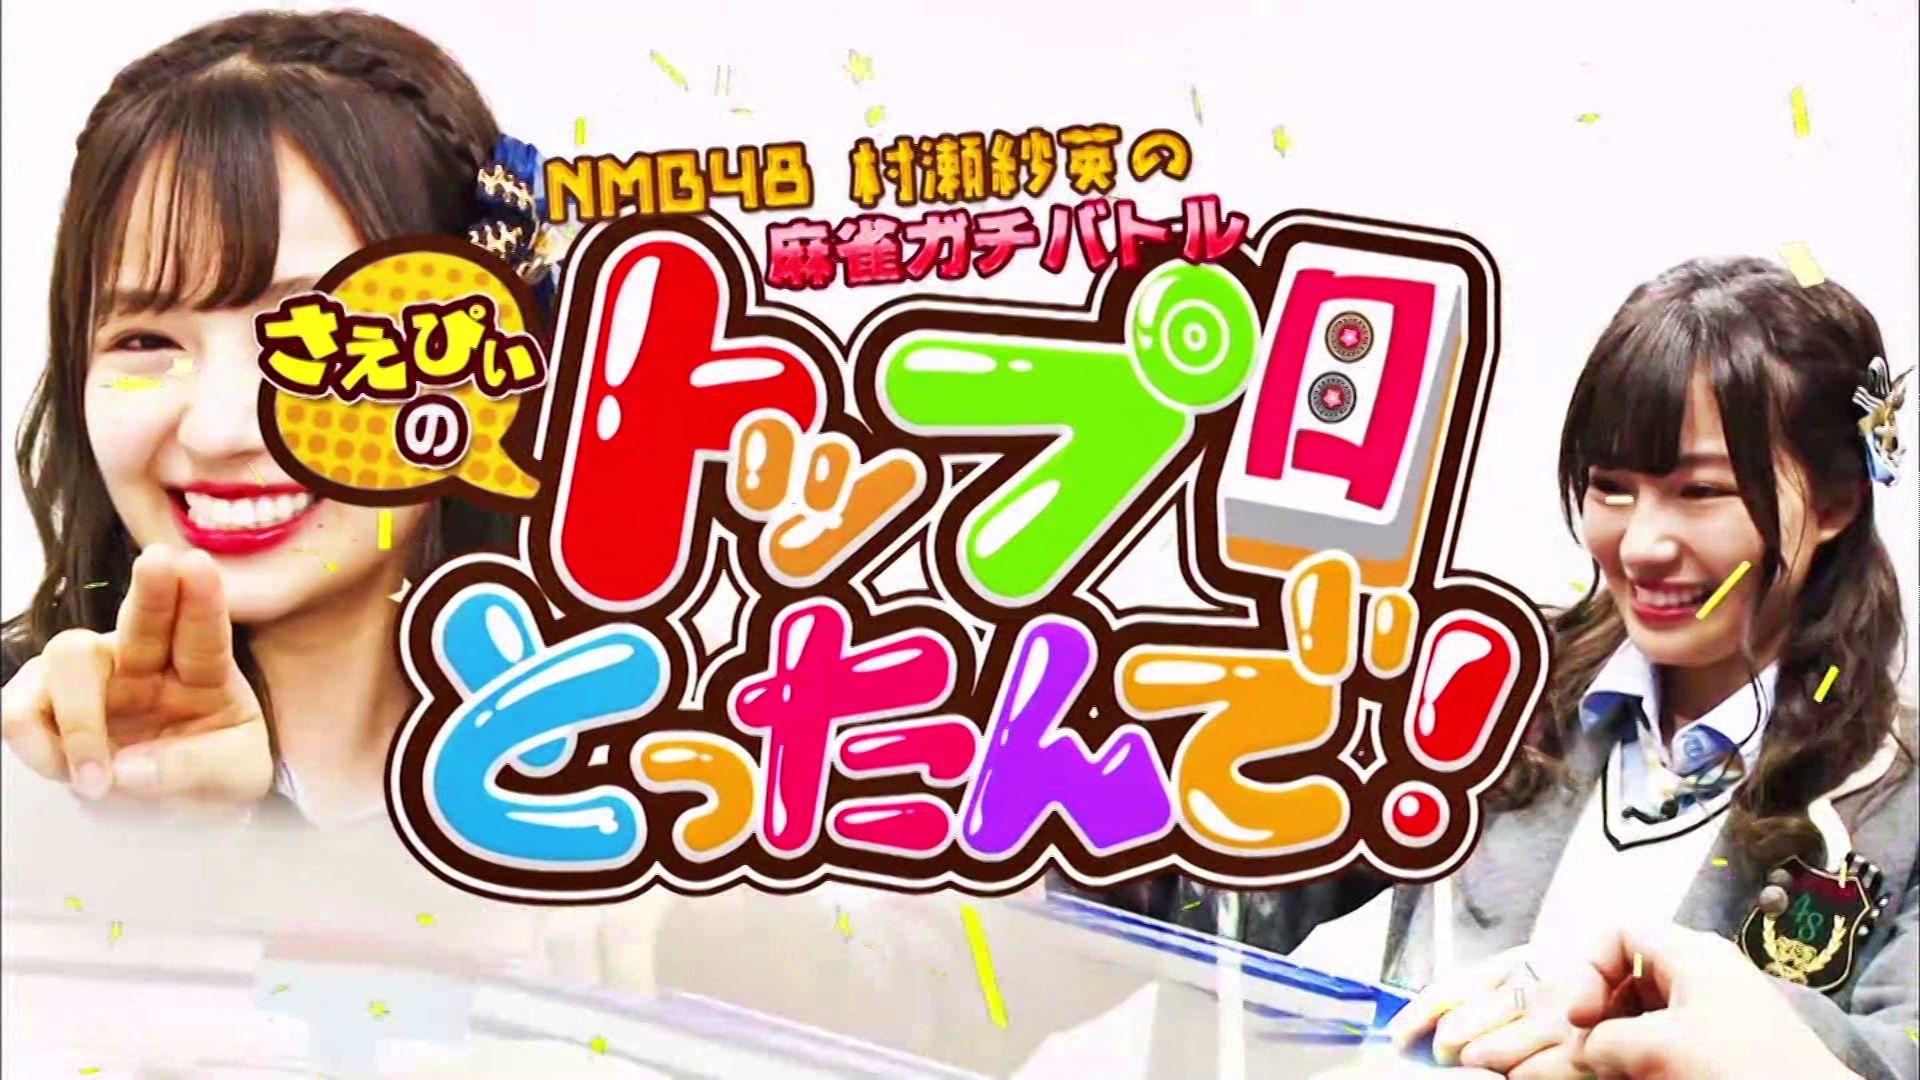 【NMB48】さえぴぃのトップ目とったんで!麻雀の成績まとめ【放送毎に更新】